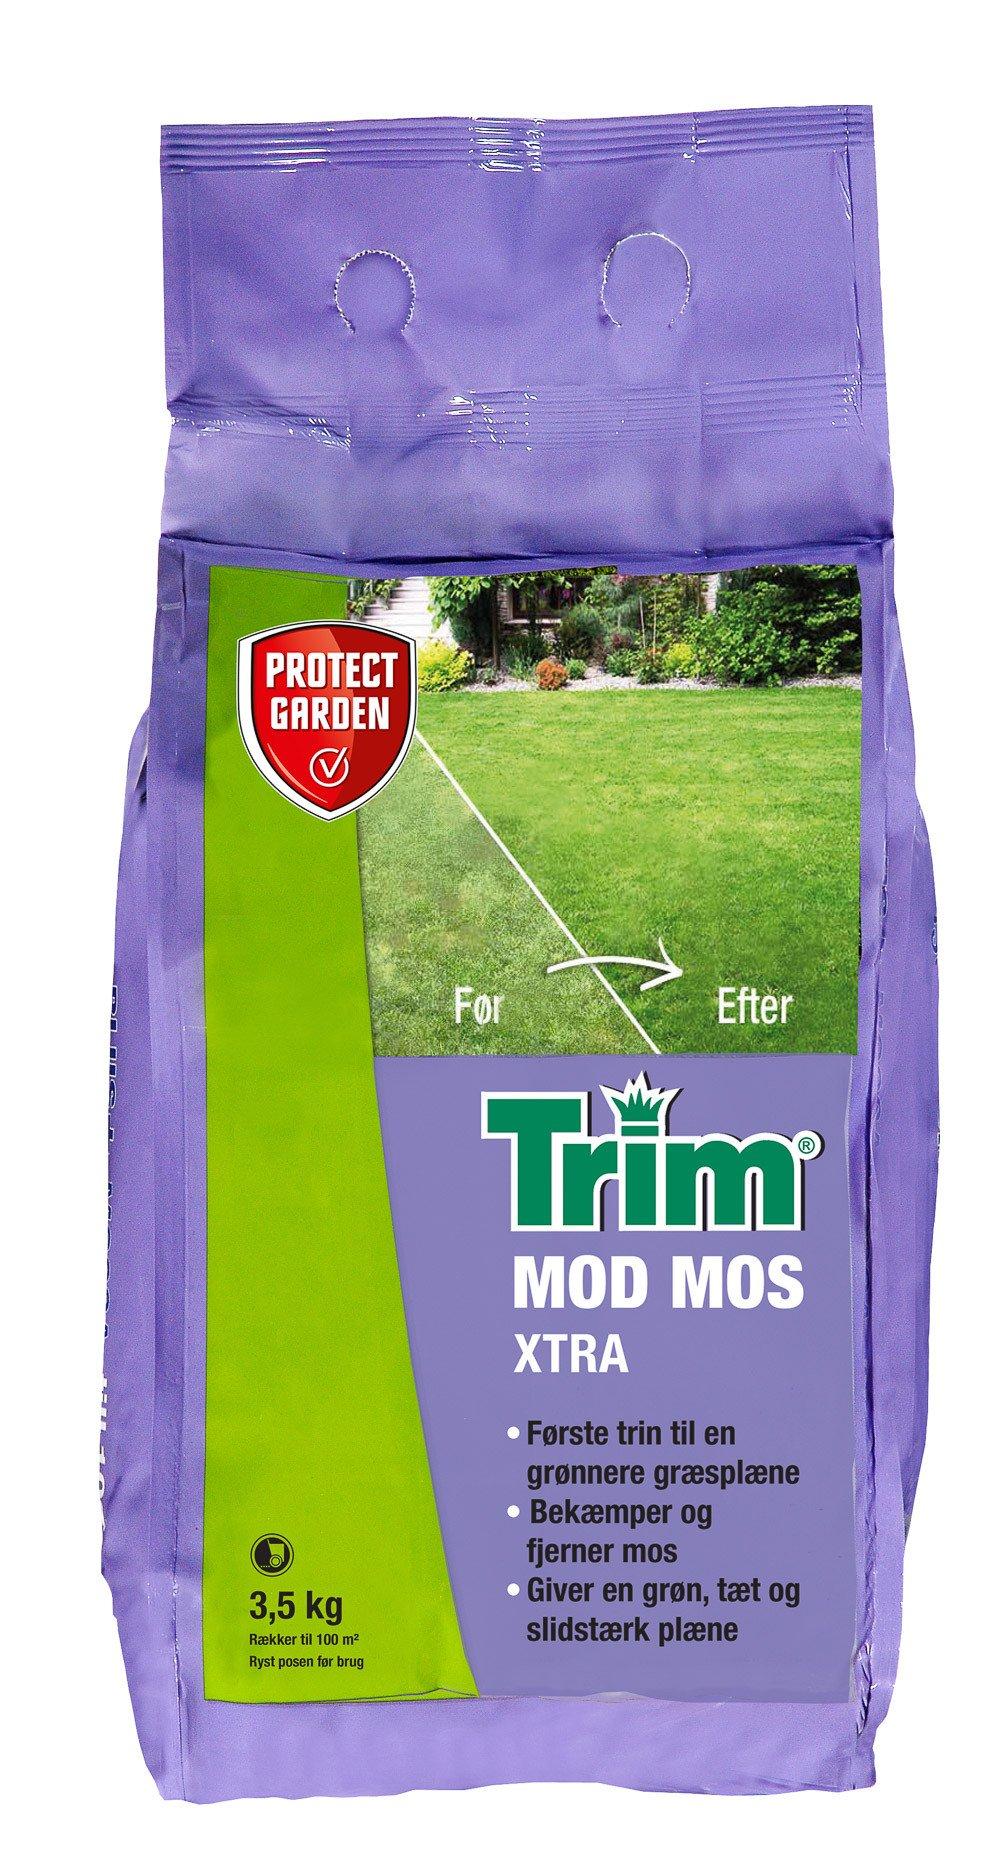 Protect Garden Trim mod mos 3,5 kg.